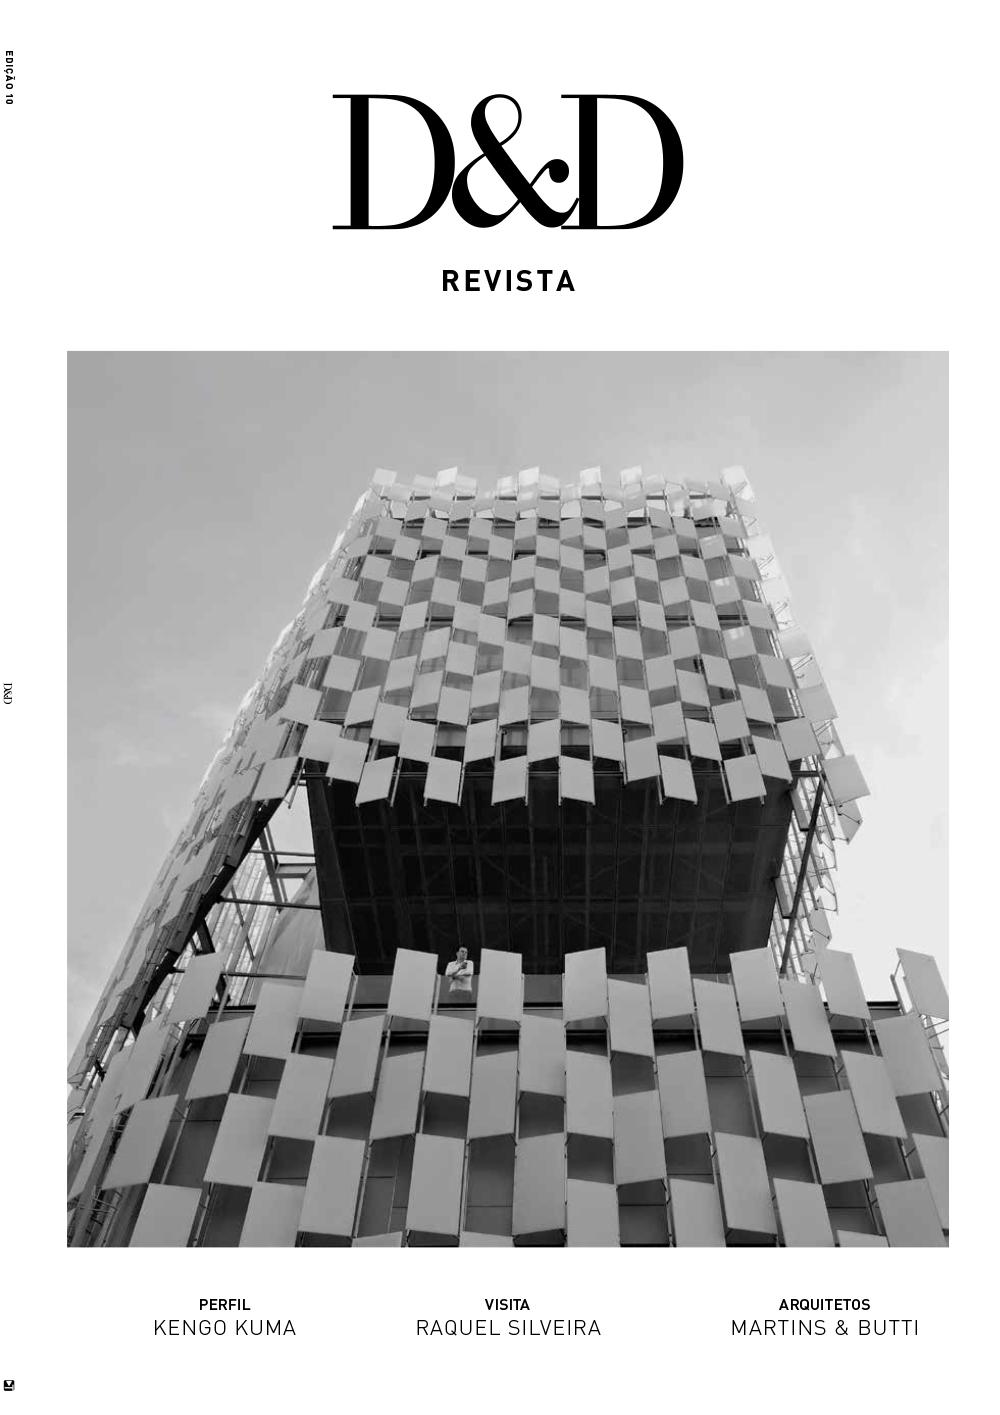 revista_DeD_edicao-10